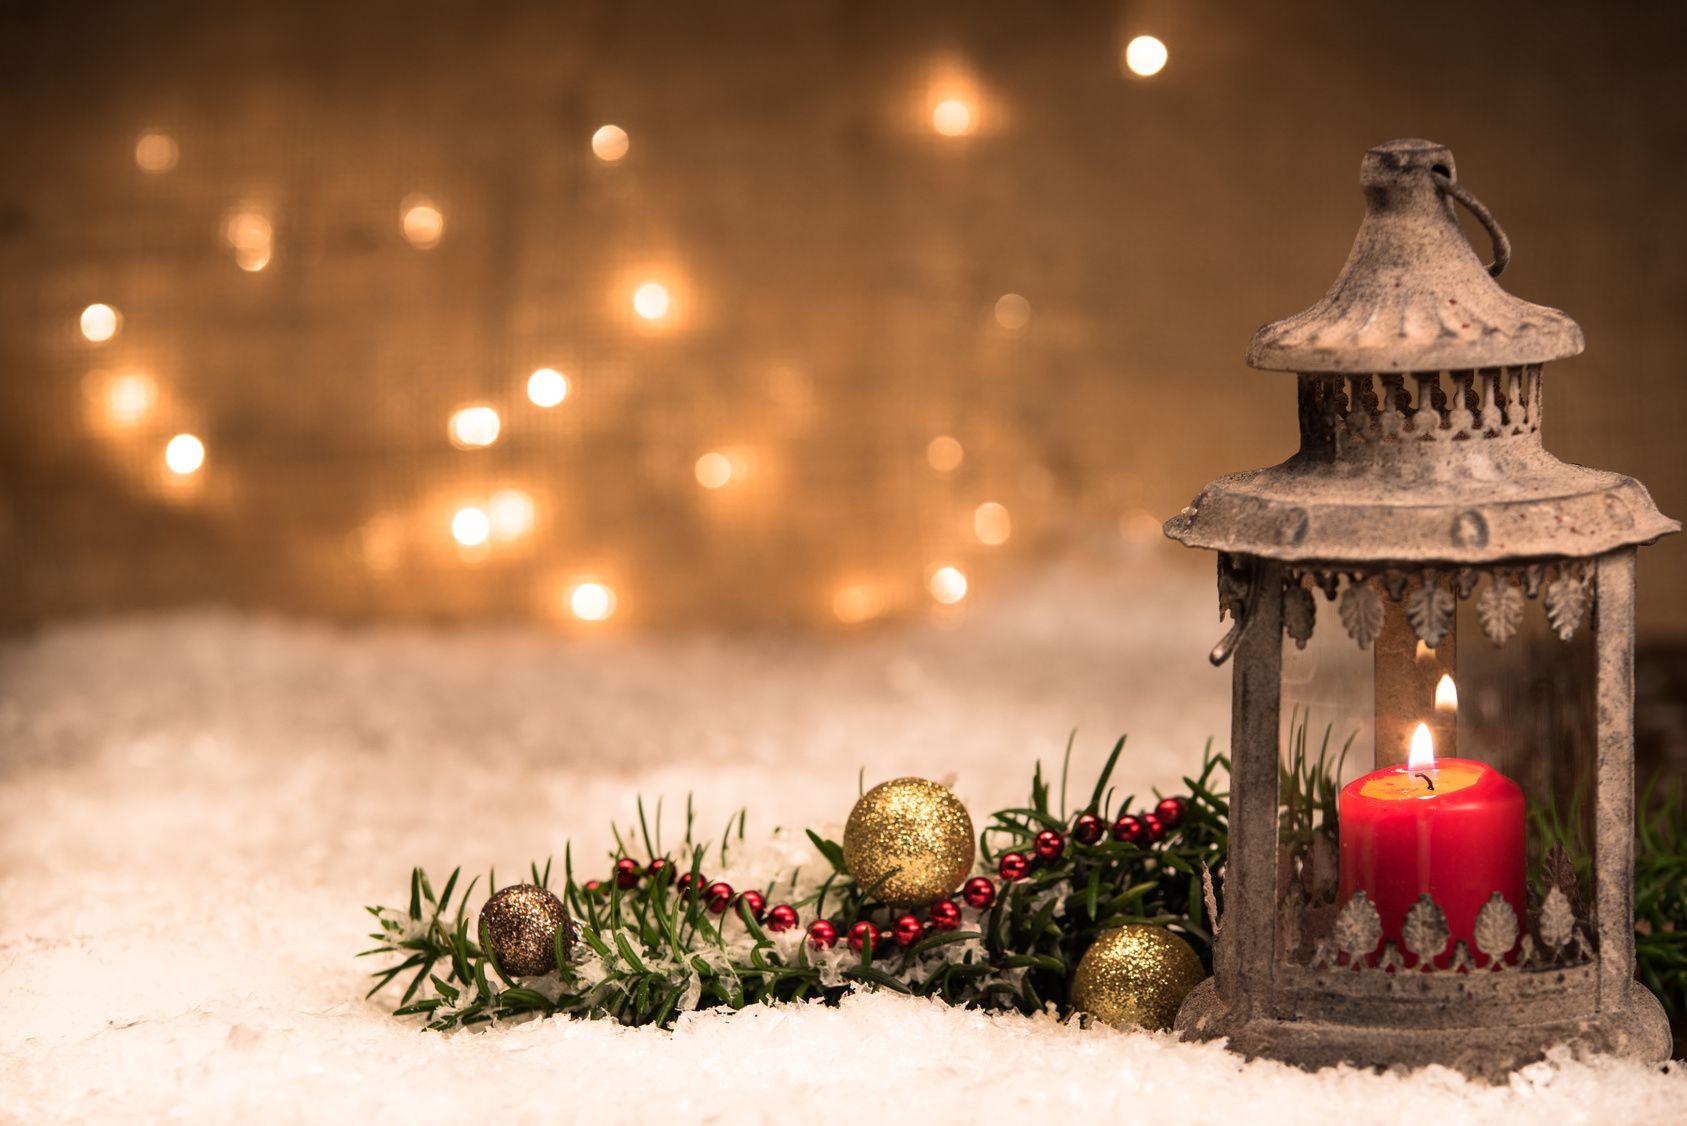 Christmas Decor Images Advent In Krumau Busreise Tschechien S 252 Db 246 Hmische Region